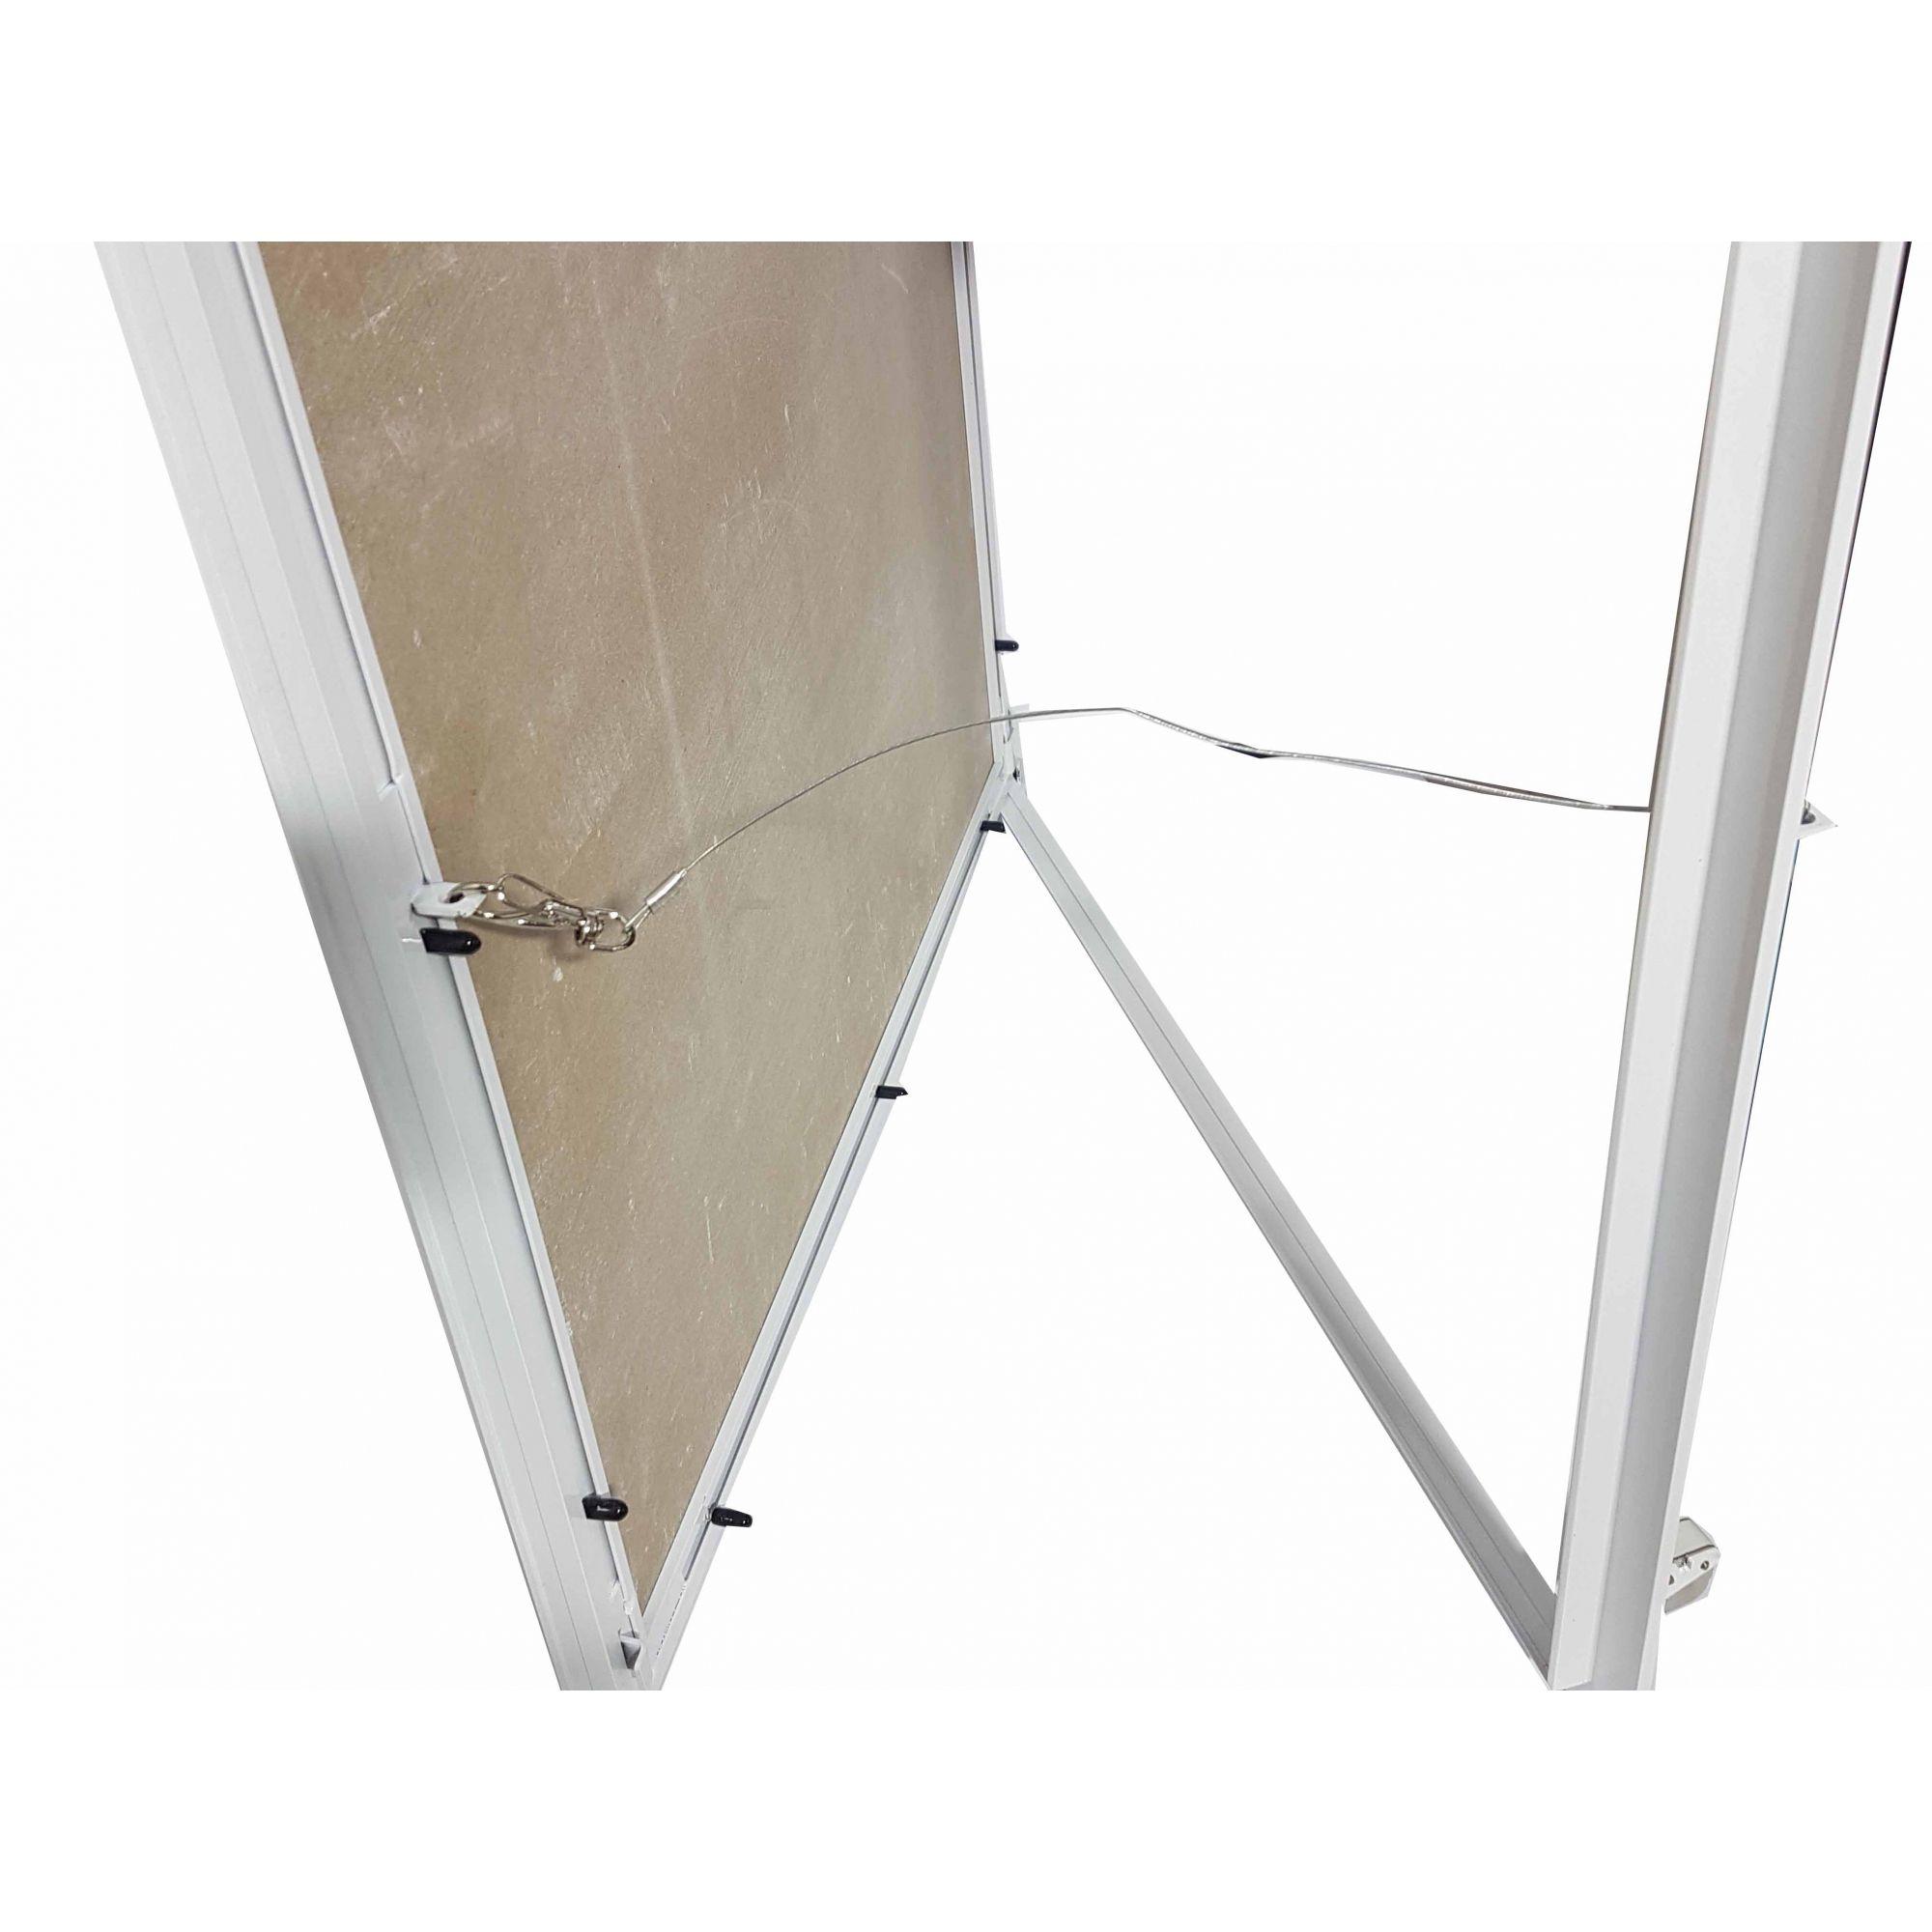 Alçapão Com Tampa Para Drywall Forro De Gesso 30x30 Cm